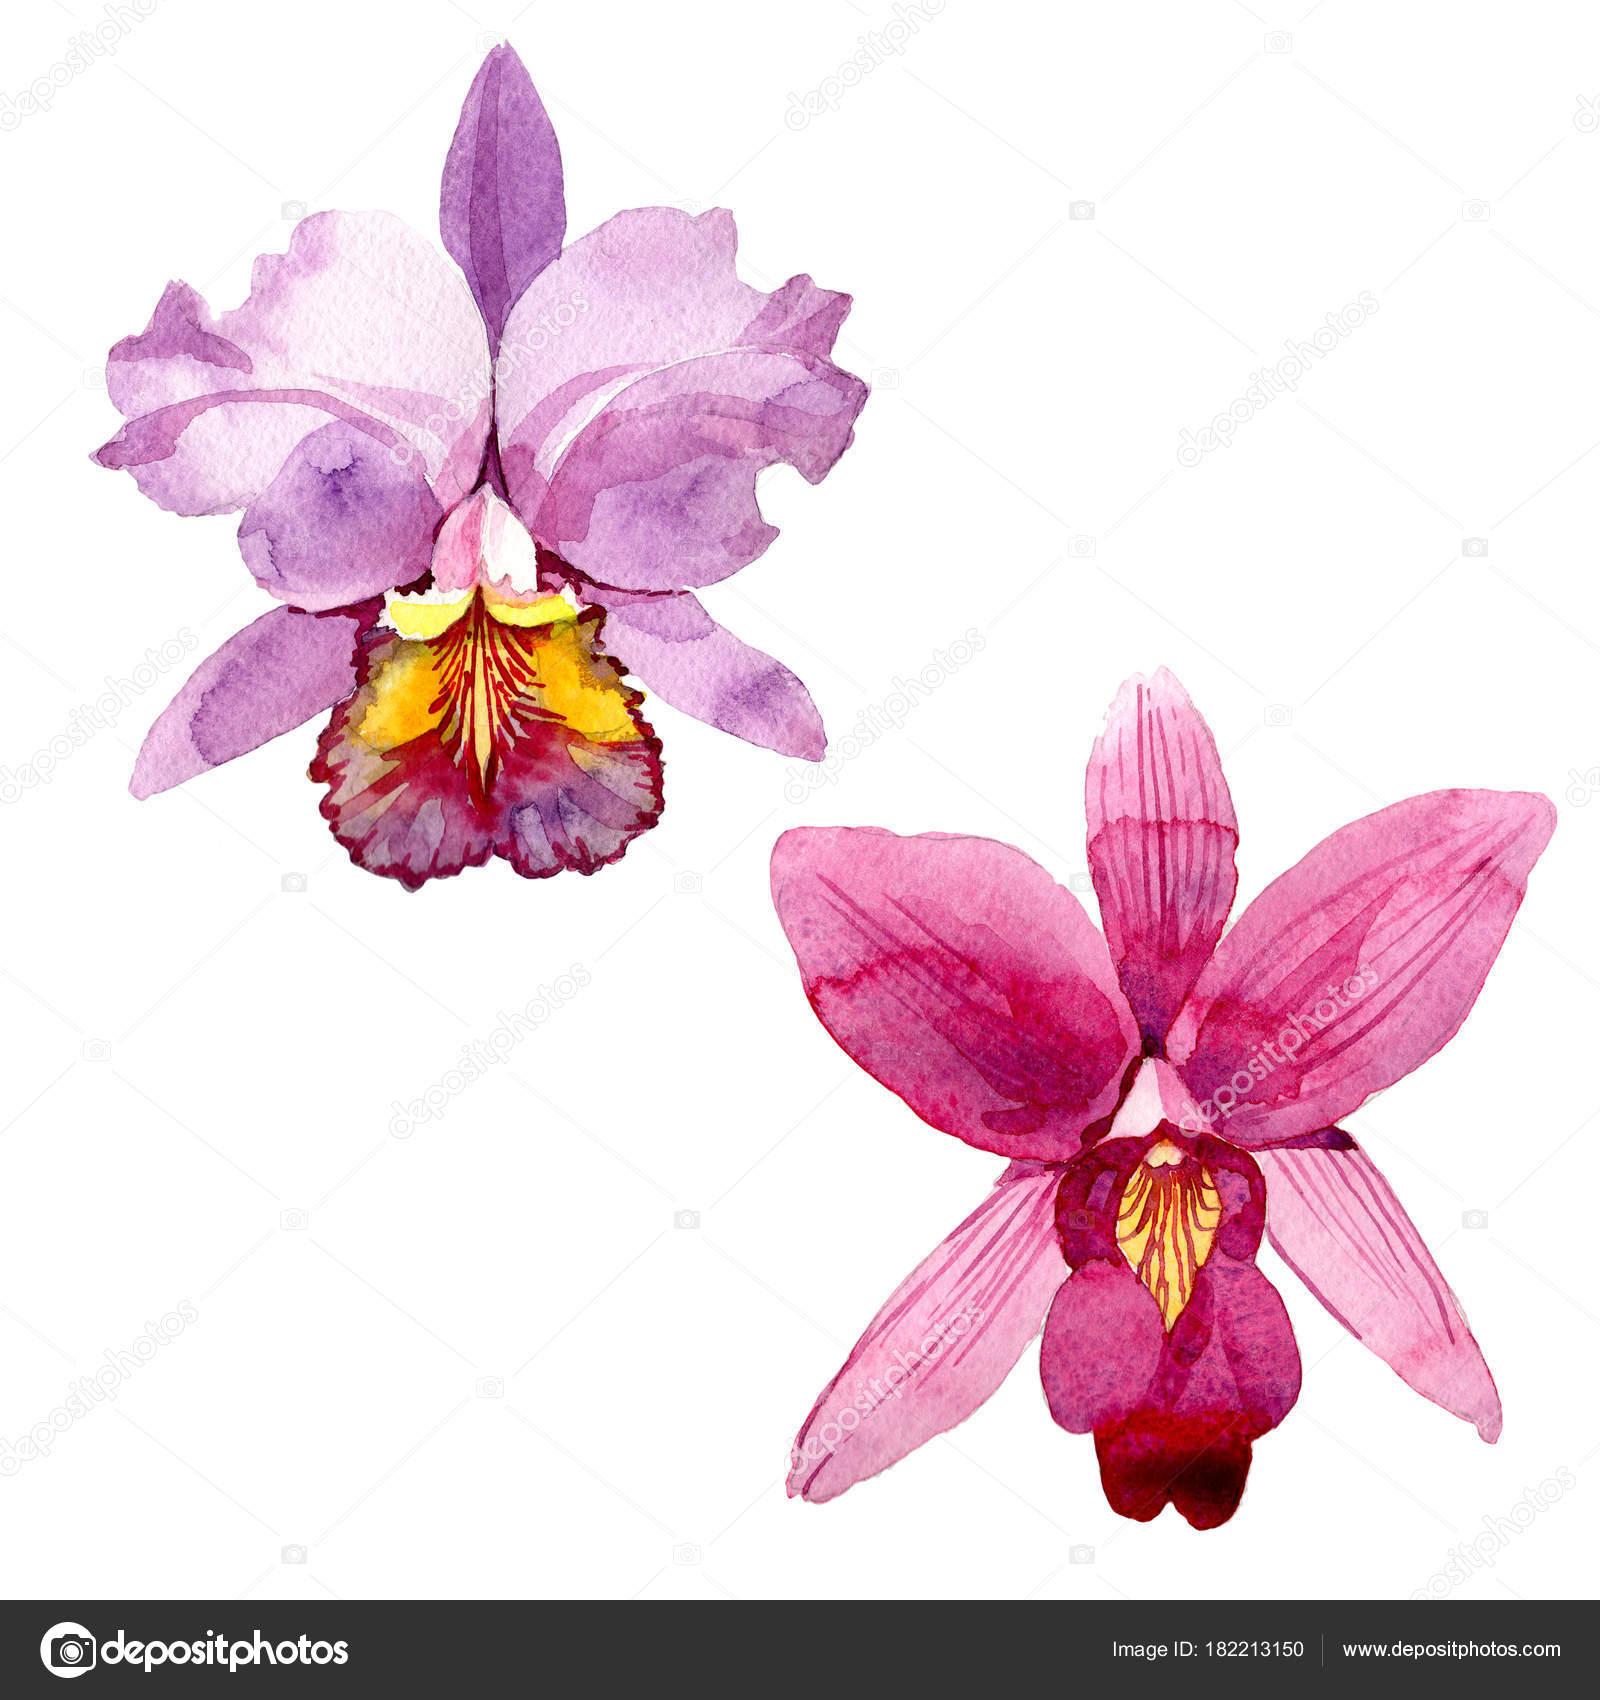 Fleur D Orchidee Rose Fleurs Sauvages Dans Un Style Aquarelle Isole